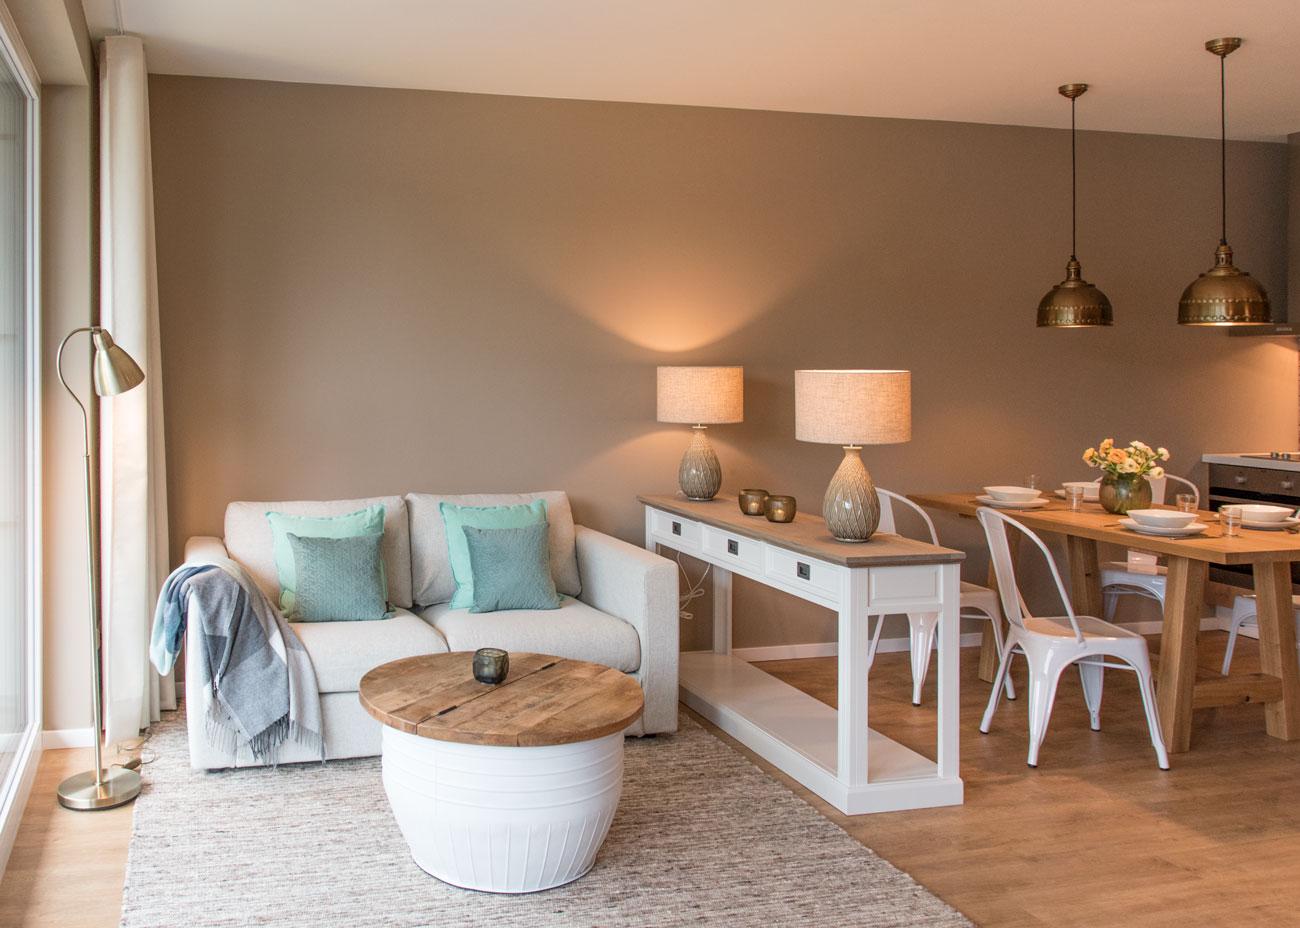 Ferienwohnung einrichten wohnen holztisch leuchten couch kissen konsole essbereich küche